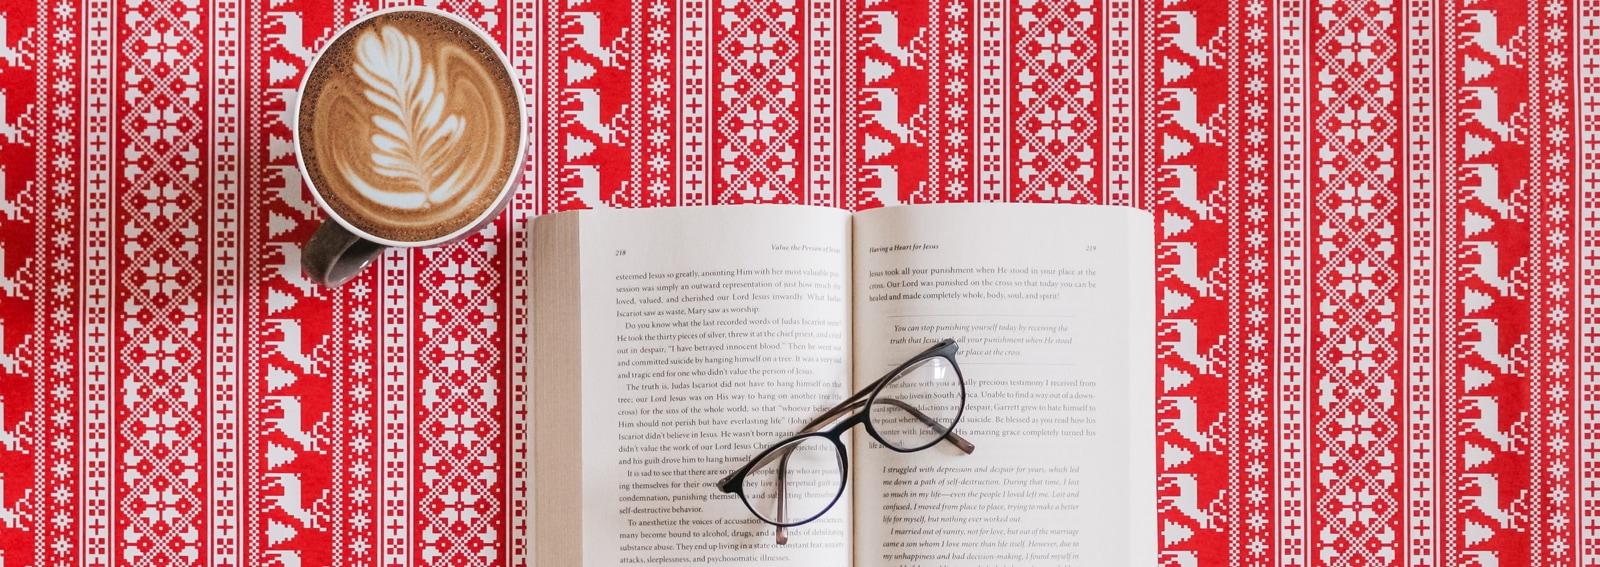 visore-libri-dicembreDESK